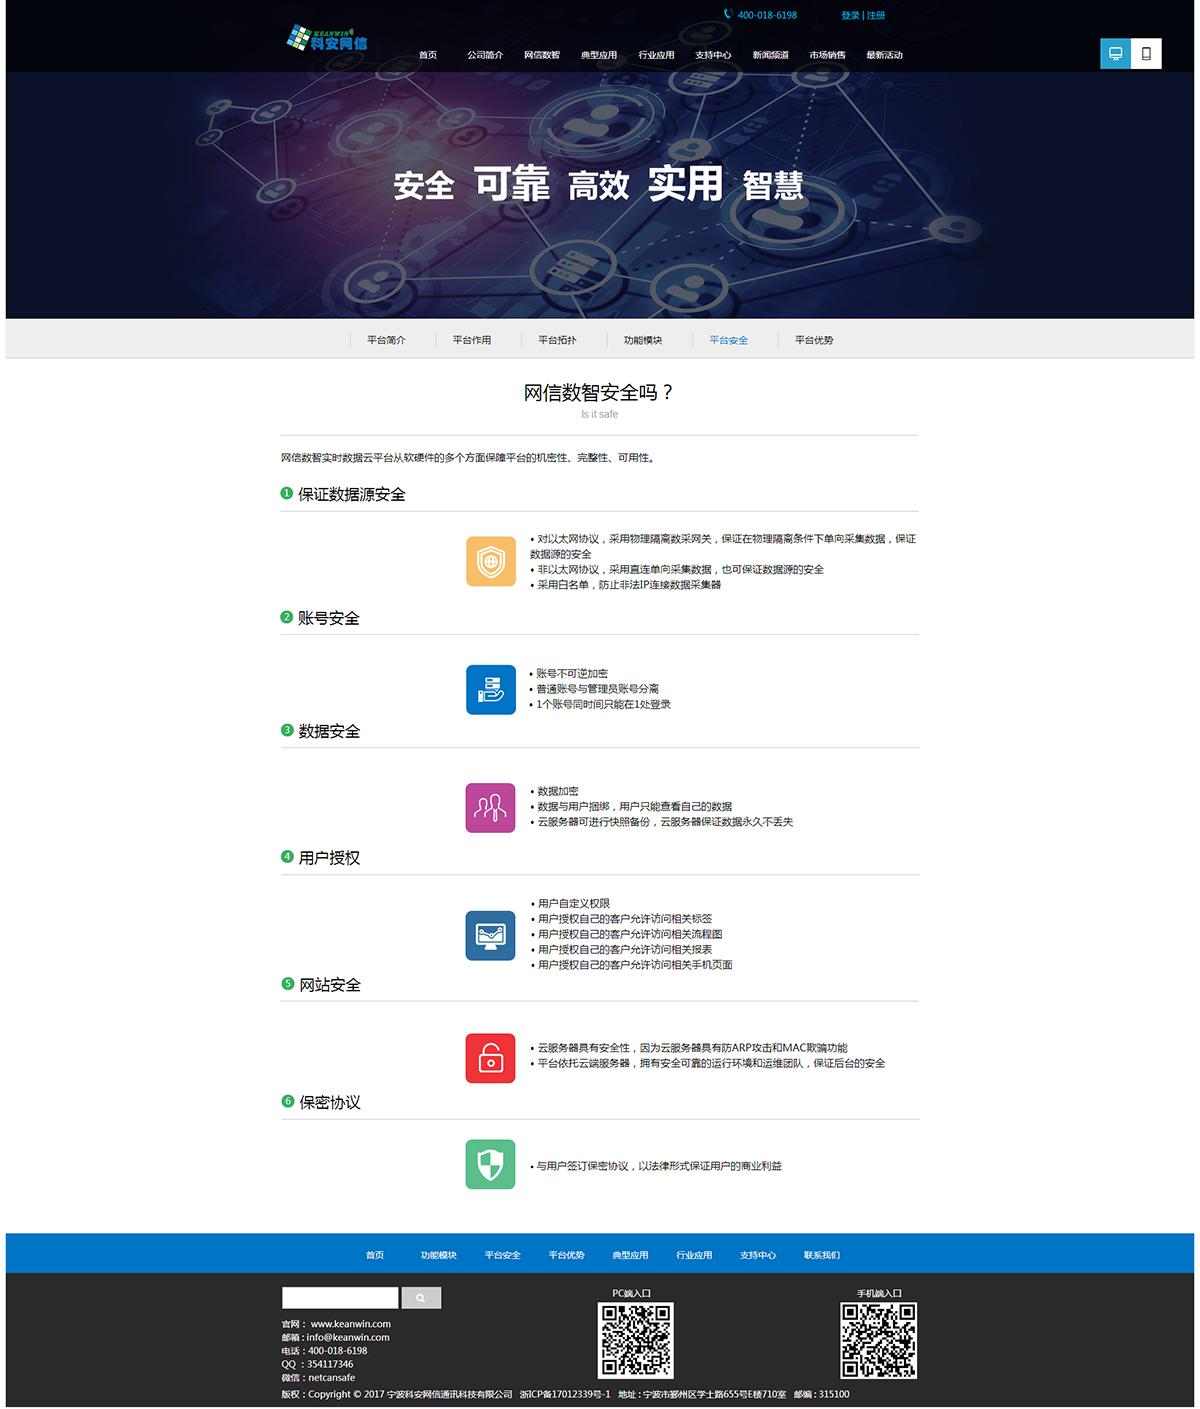 宁波科安网信通讯科技有限公司_内页